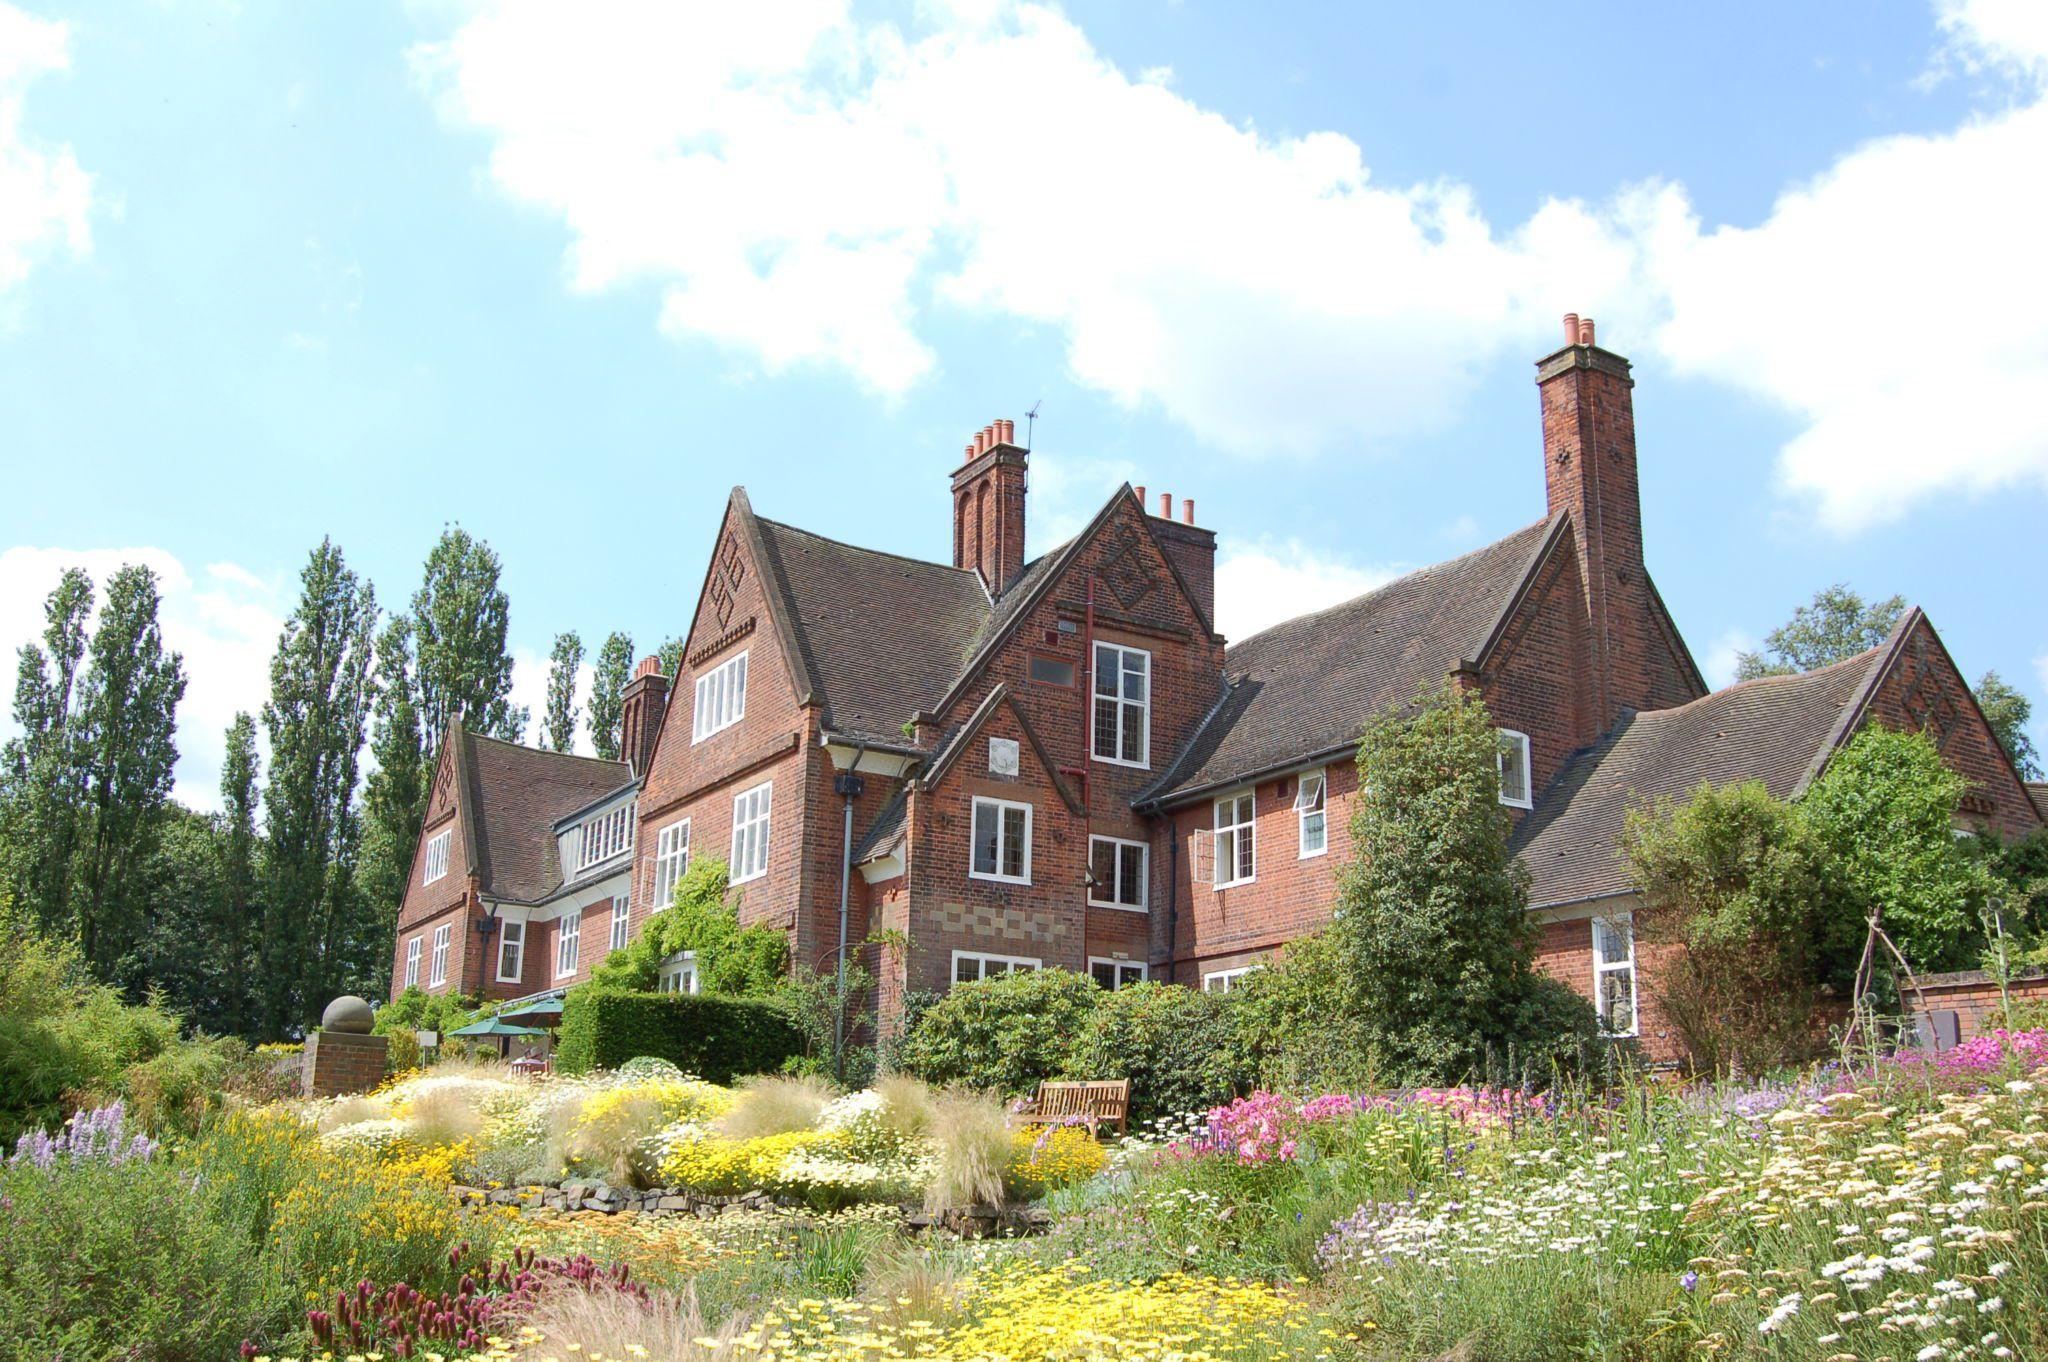 avrupa rüyası ingiltere birmingham Winterbourne House